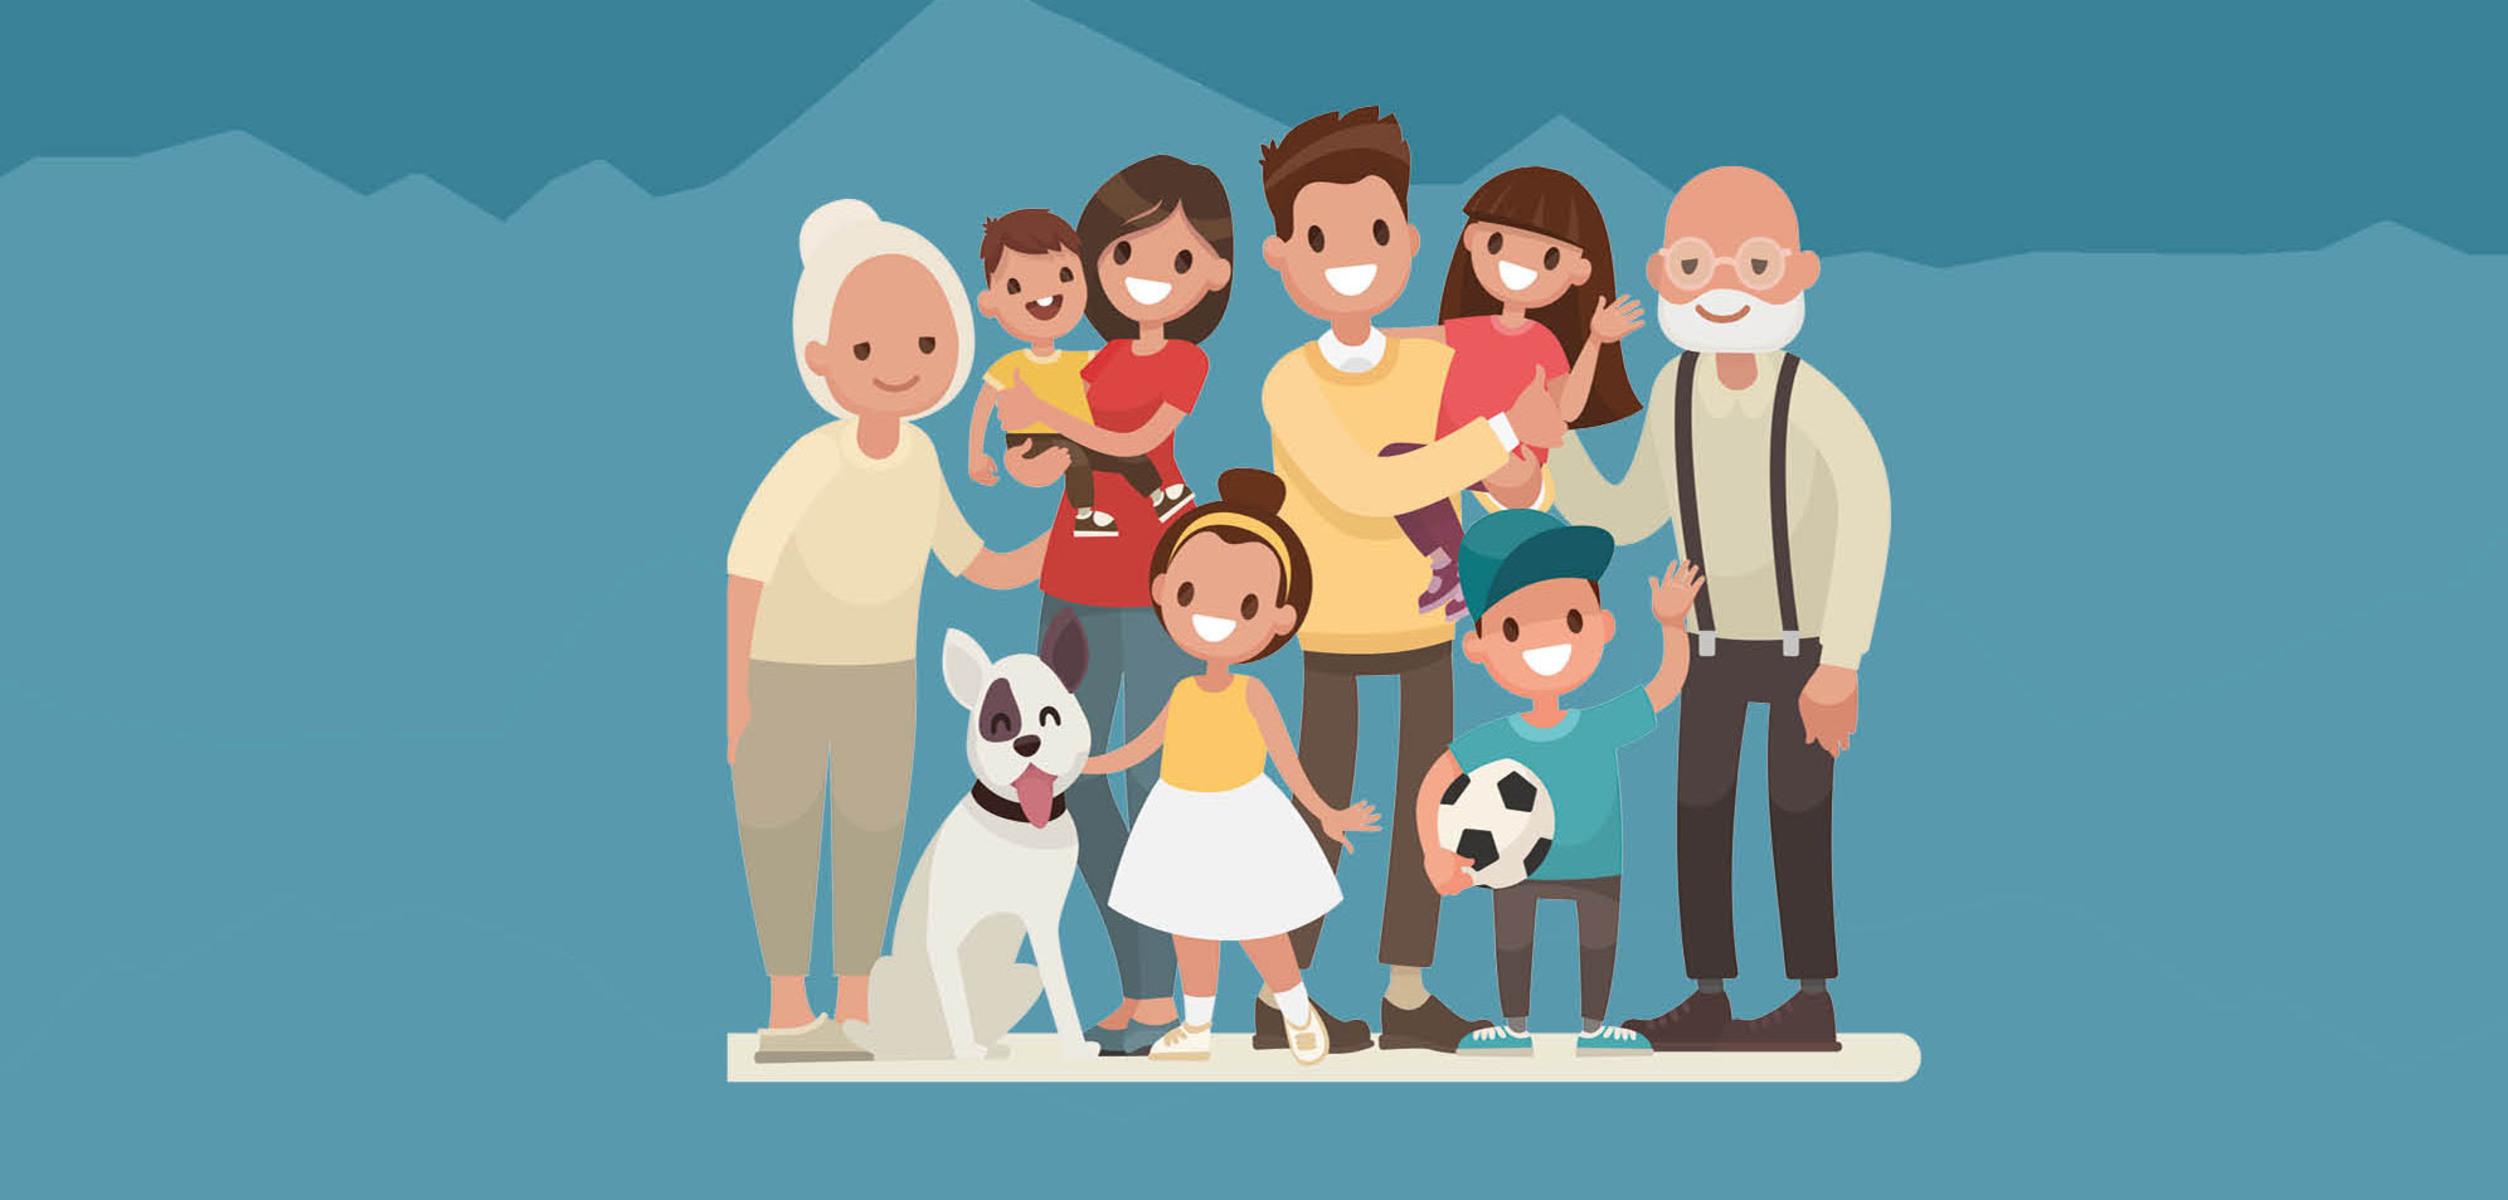 Prévoyance Individuelle - Famille